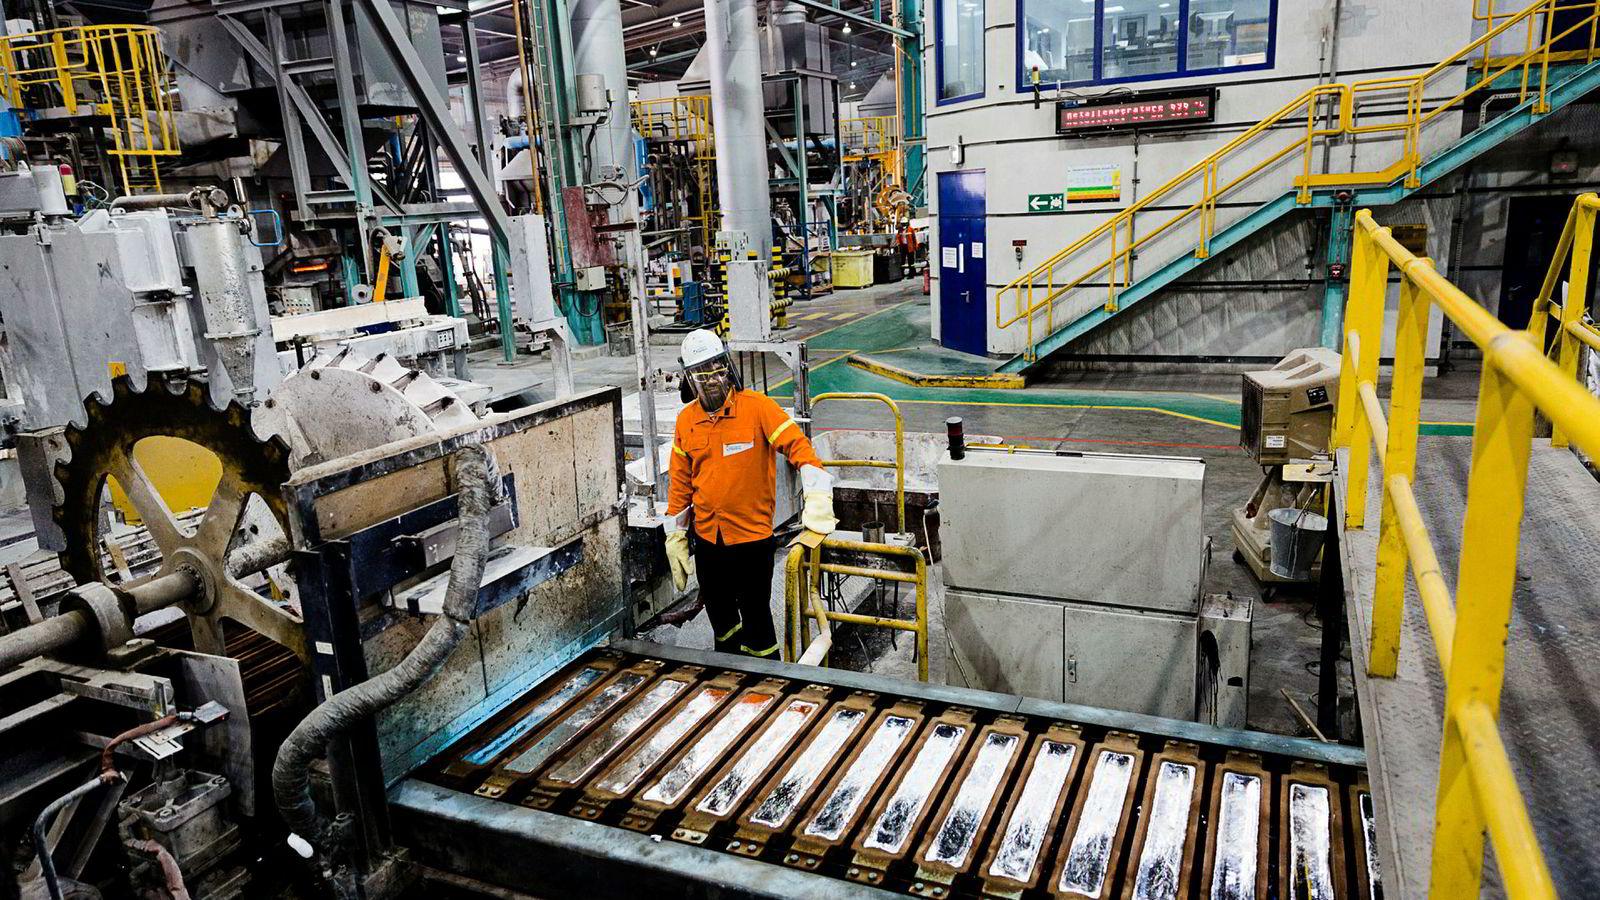 Aluminiumsverket Qatalum i Doha, hvor Qatar Petroleum og Hydro eier 50 prosent hver, har en produksjonskapasitet på nesten 600.000 tonn i året. Det meste sendes ut via havnen i Dubai. Nå er grensene stengt.